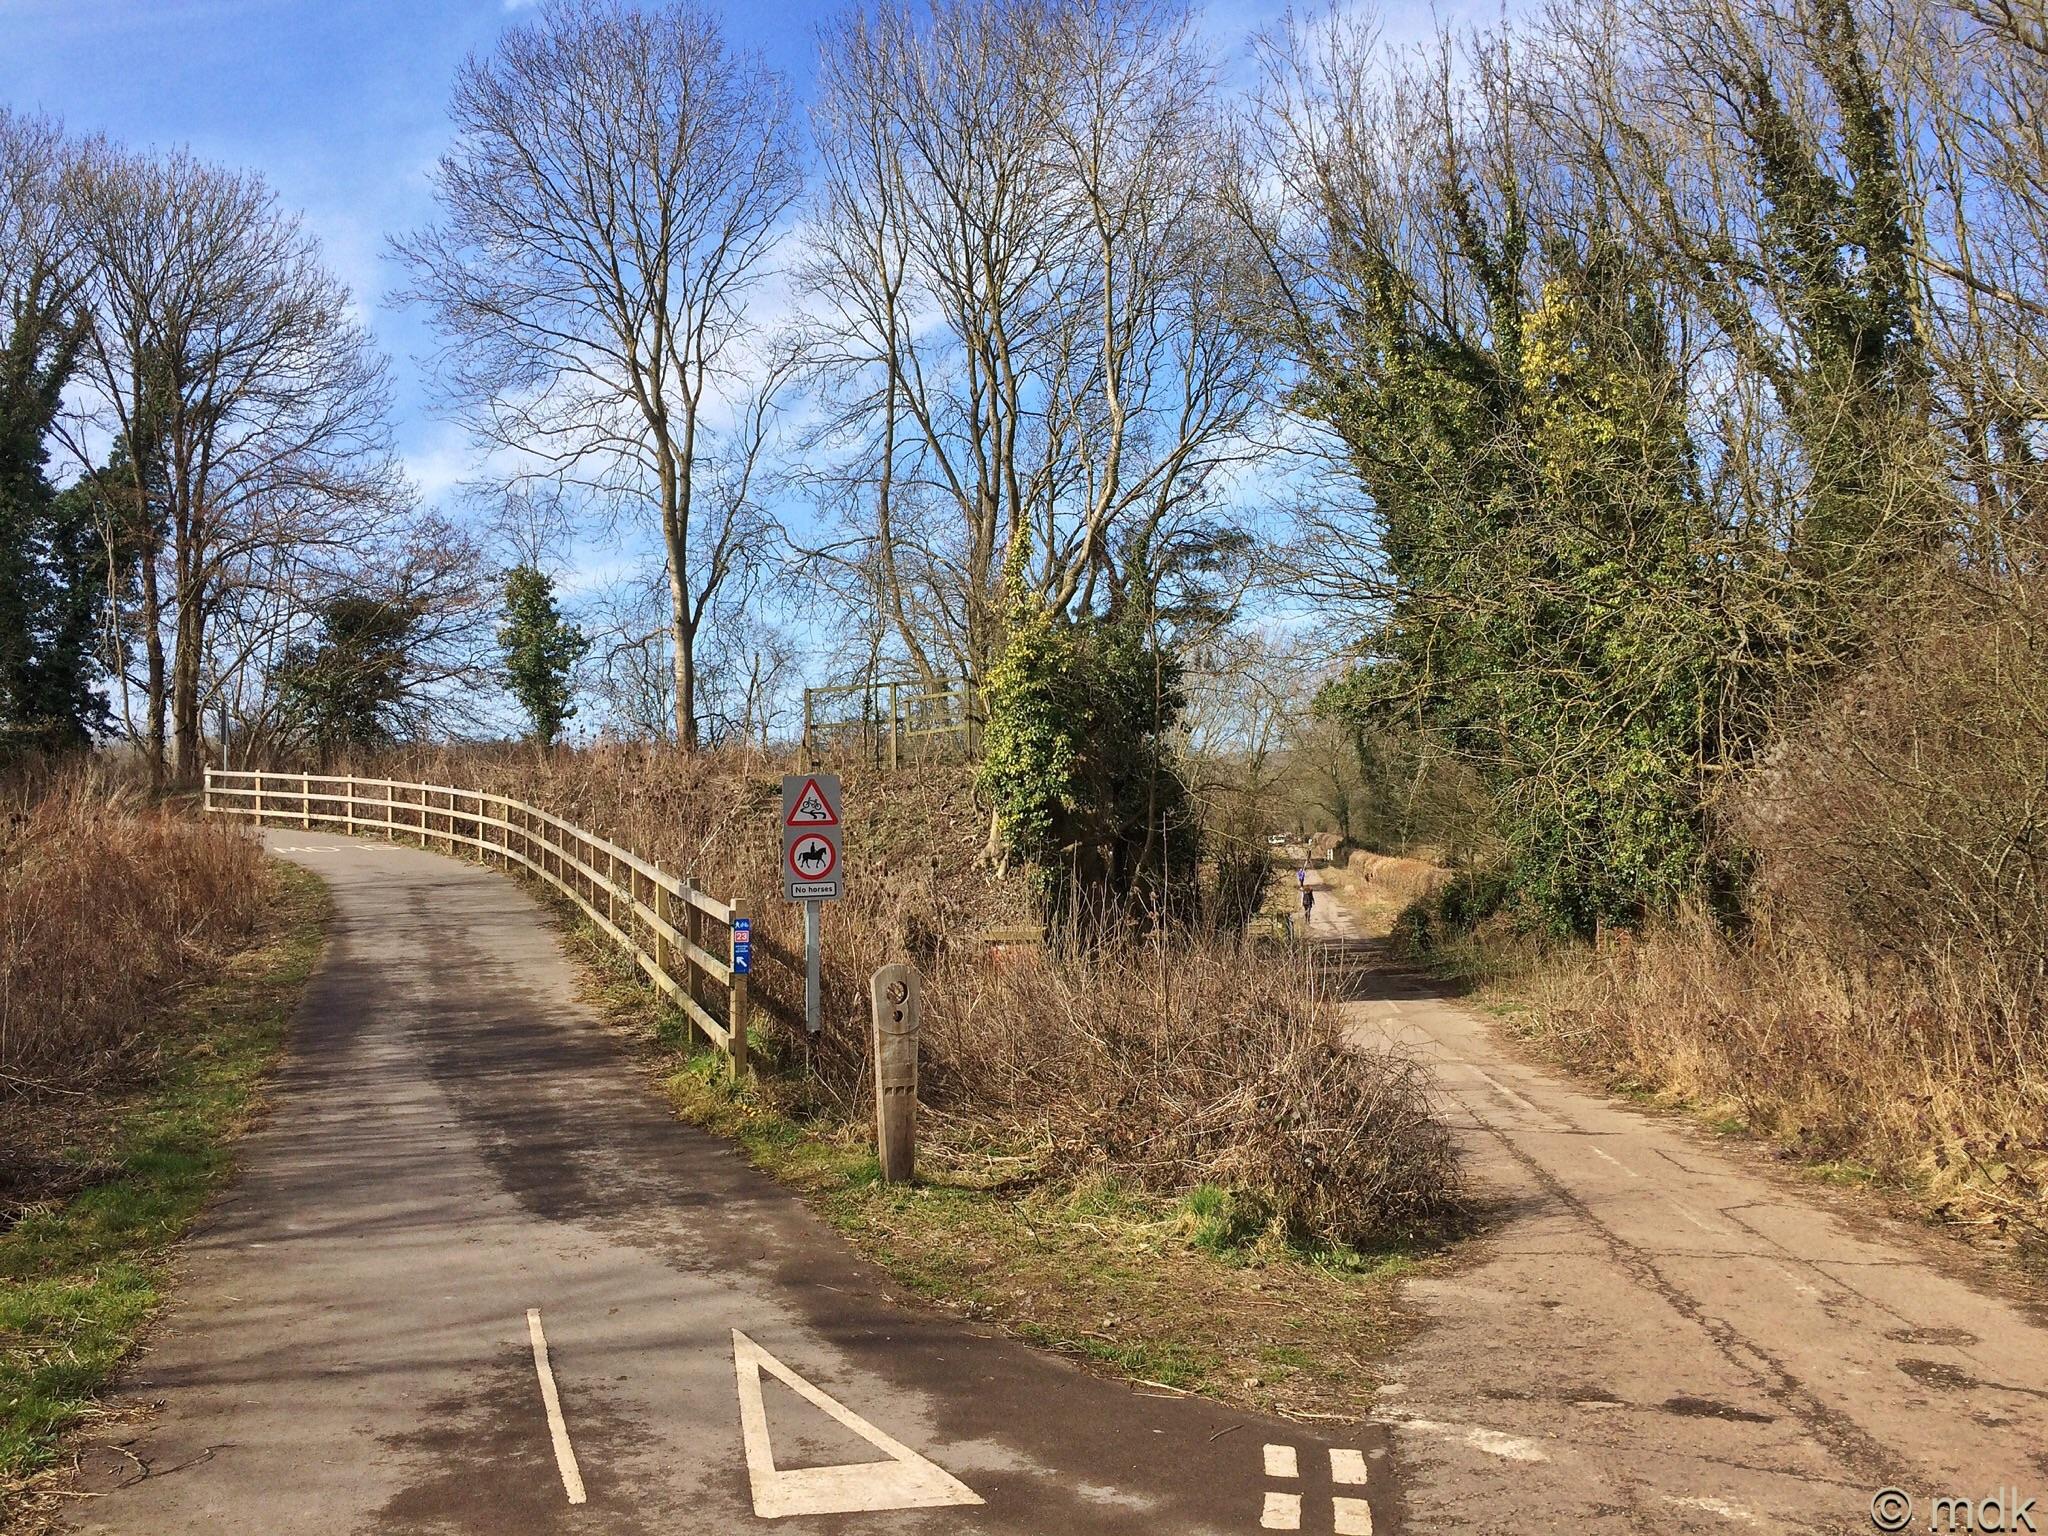 Five Bridges Road